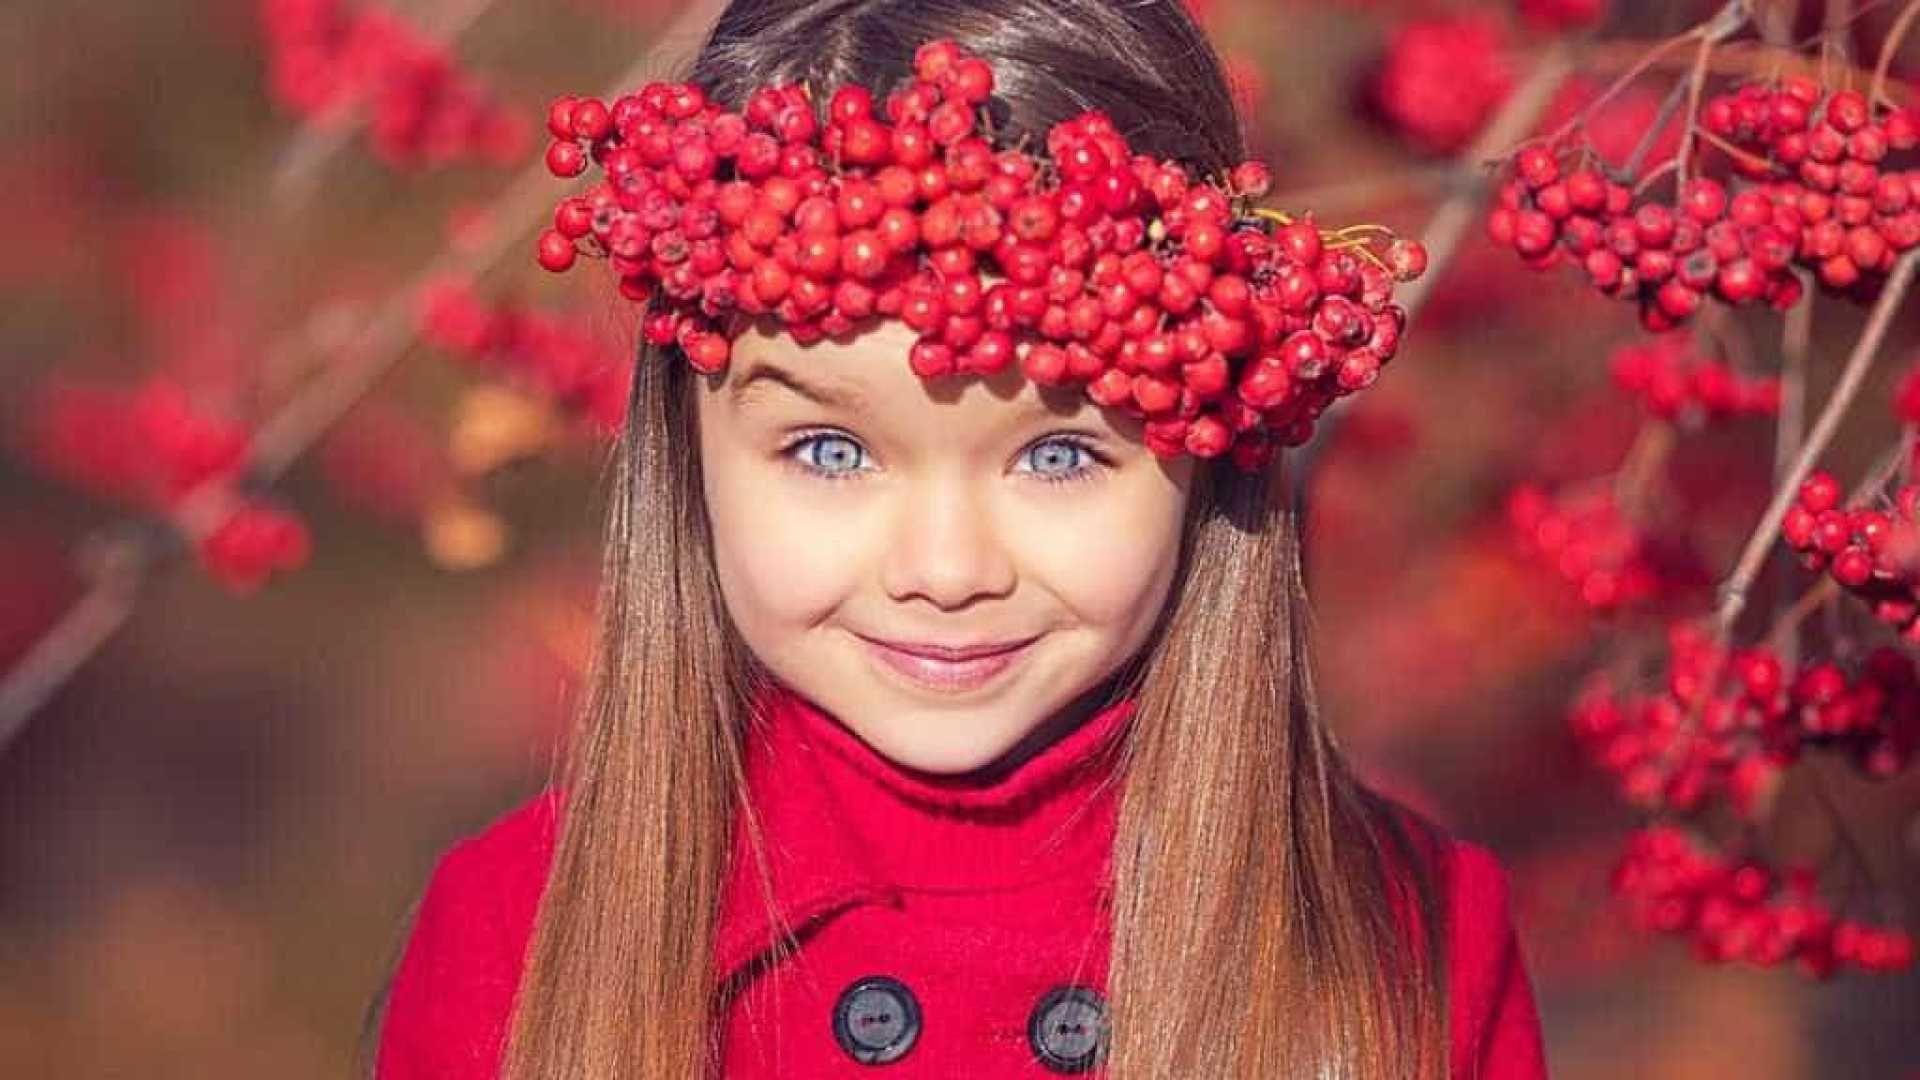 Russa Supera Francesa E E A Nova Menina Mais Bonita Do Mundo